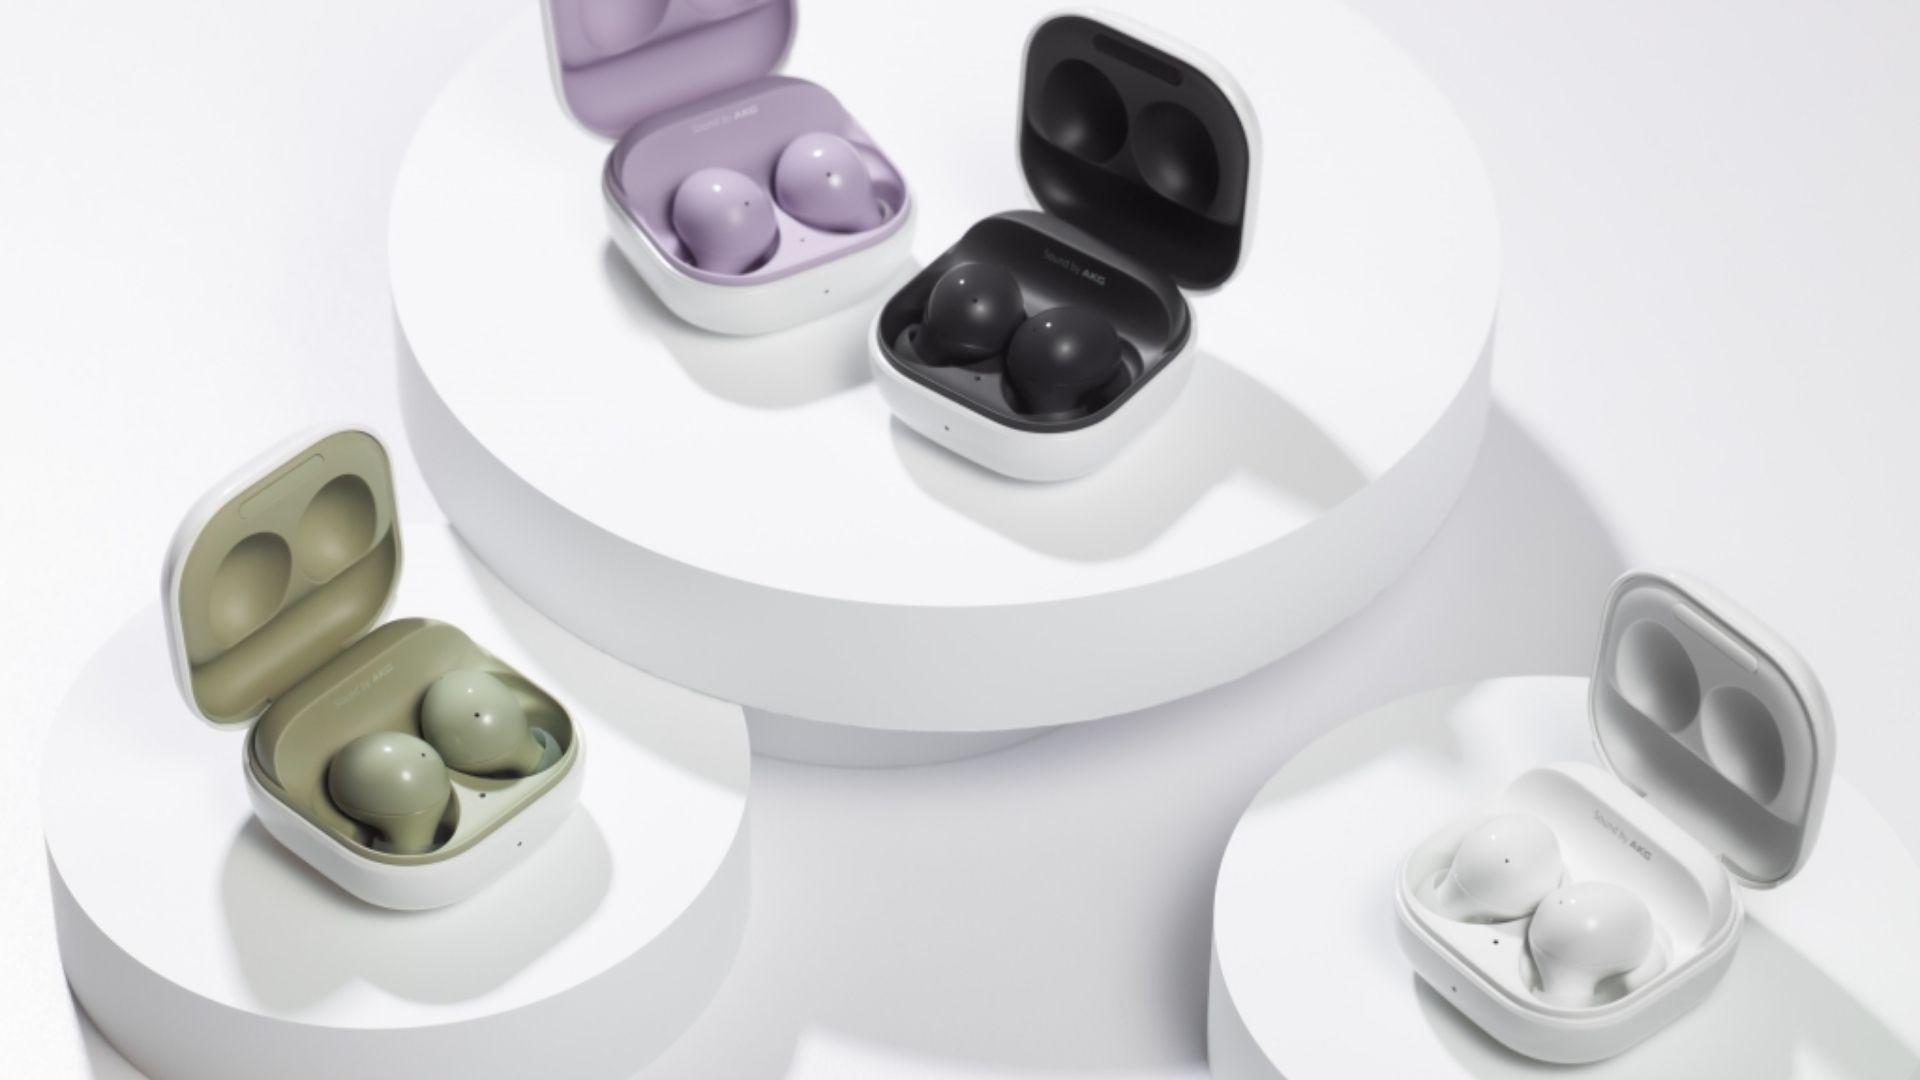 Quatro fones Galaxy Buds 2 nas cores verde, violeta, preto e branco em fundo branco e com cases abertas